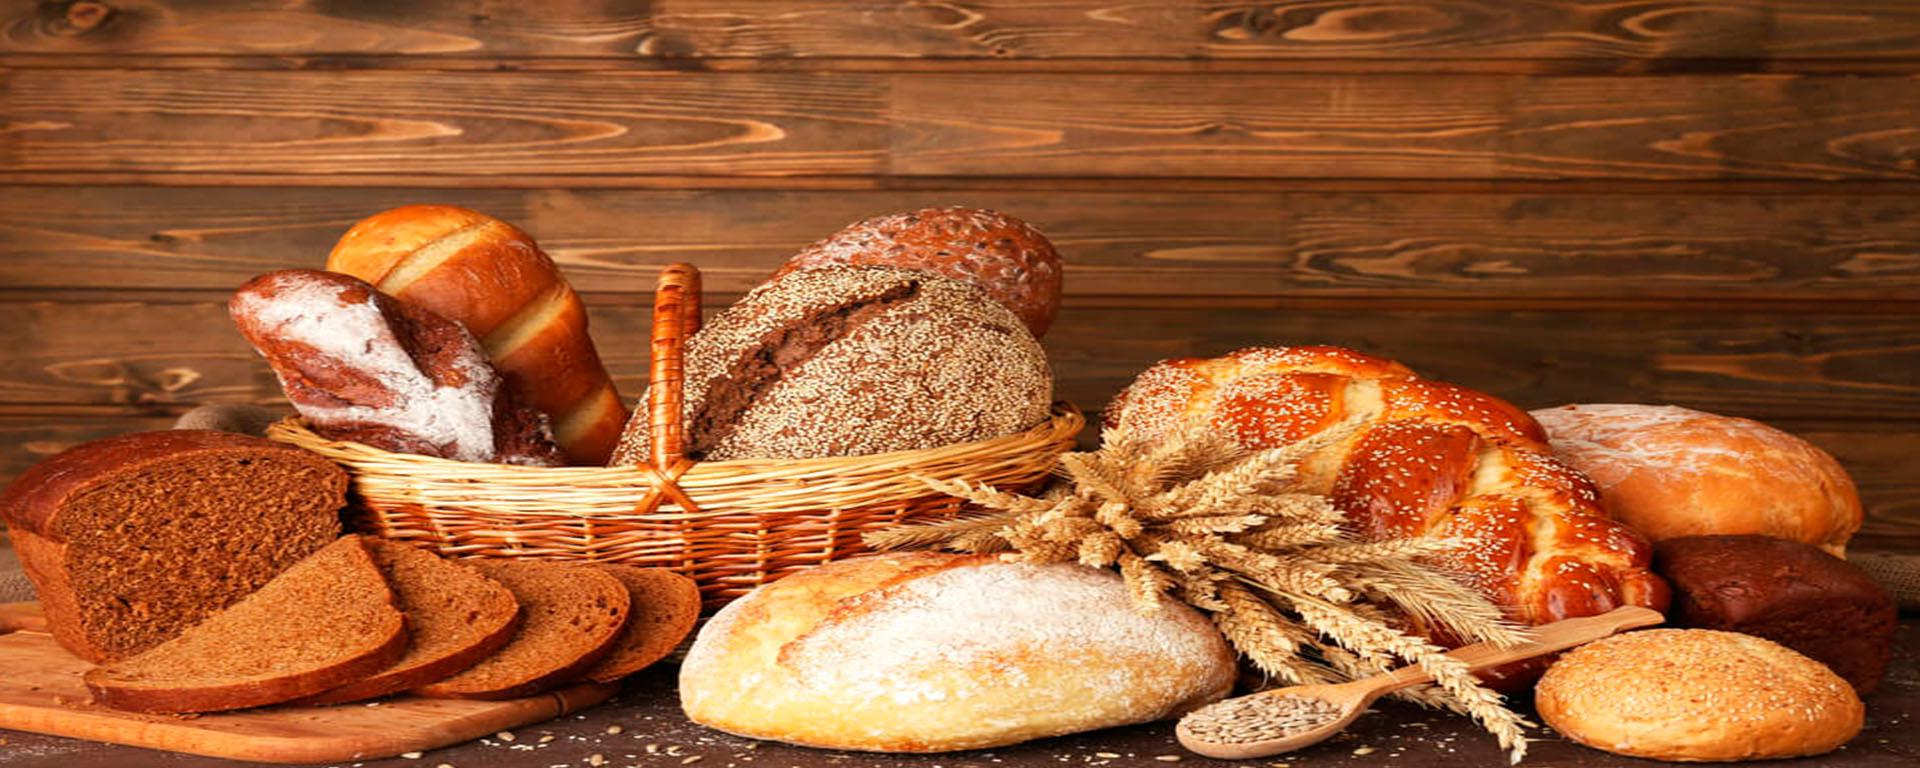 História do pão: conheça 7 curiosidades